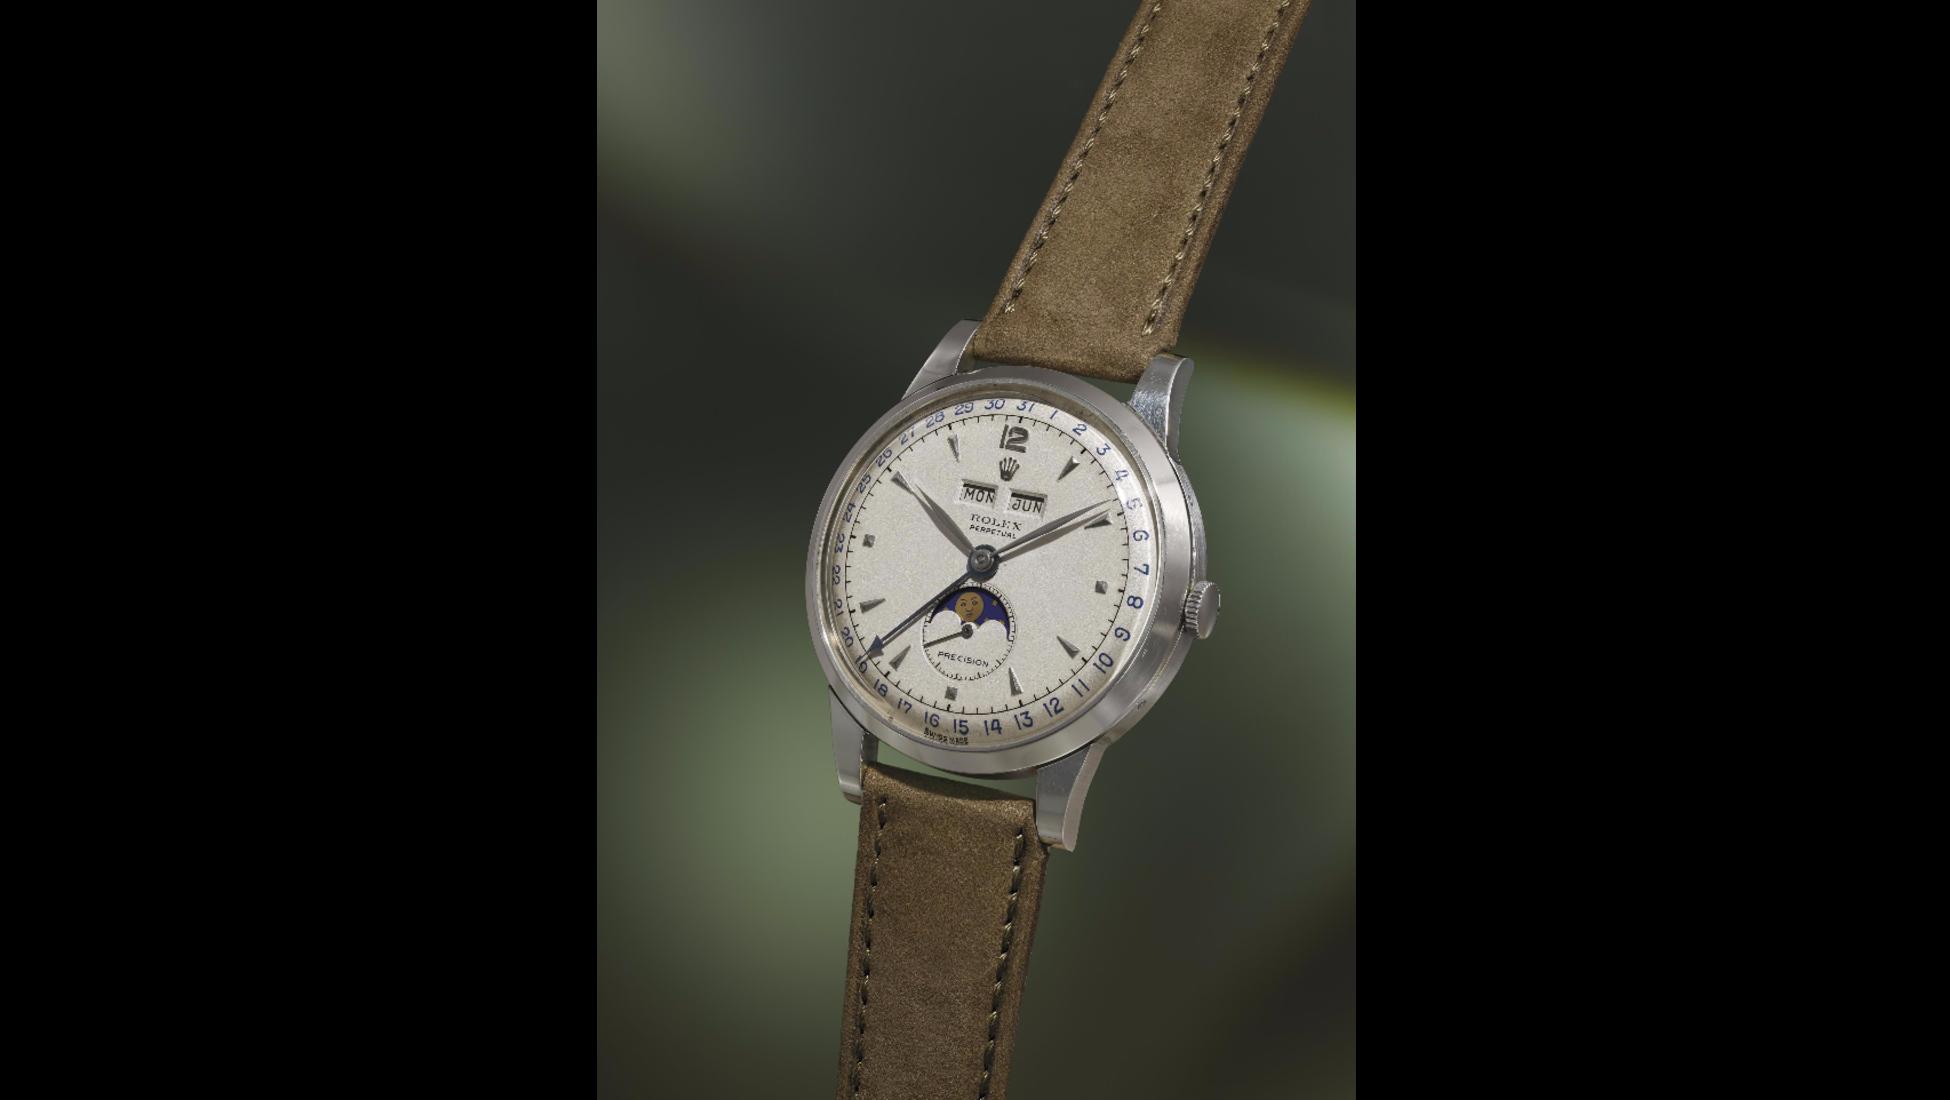 b98da4004330 5 de los relojes Roles más excepcionales jamás vendidos - Catawiki